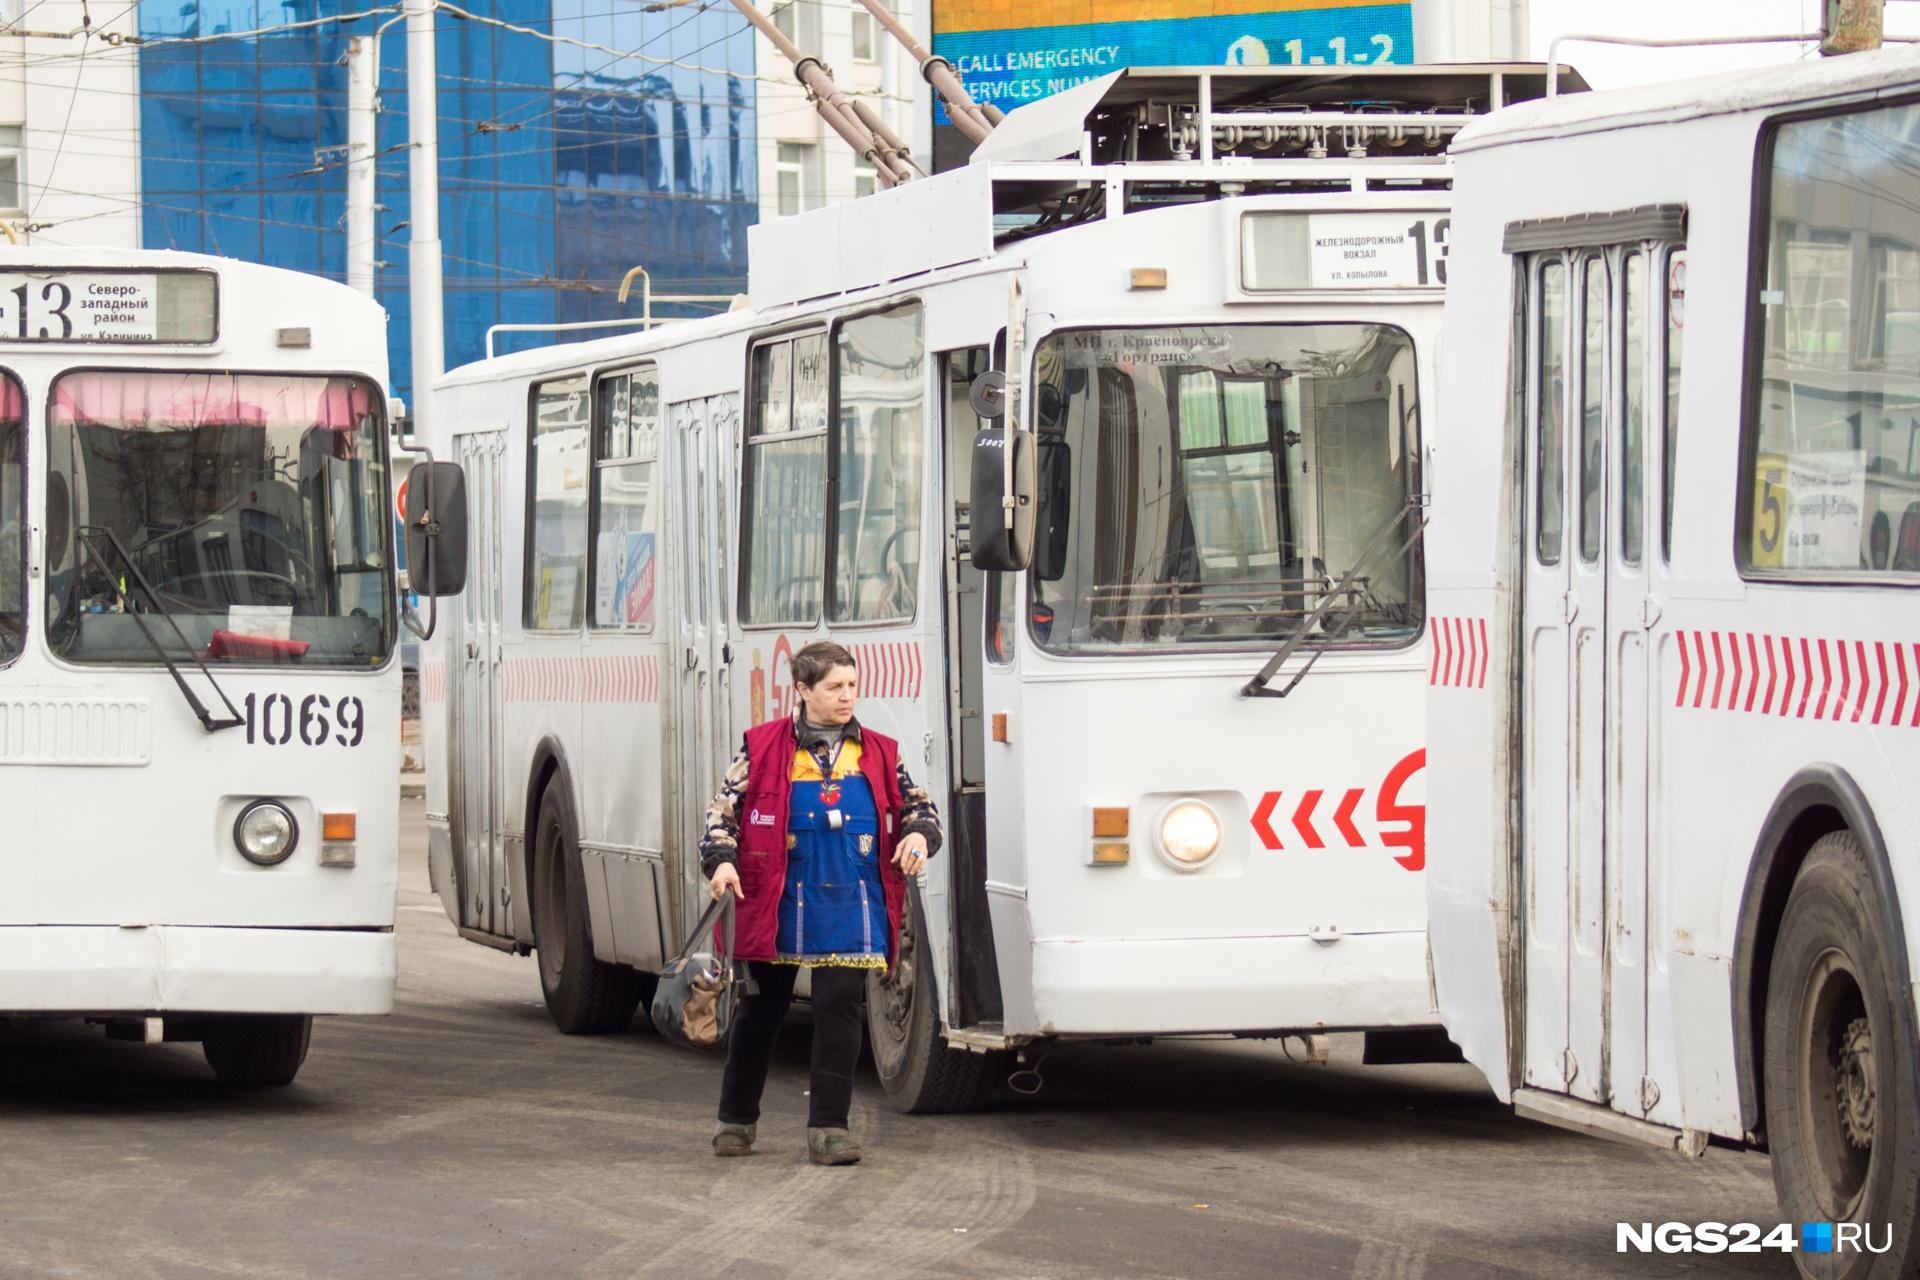 У кондукторов троллейбусов тоже произошли небольшие изменения в зарплате: час их работы стал стоить около 60 рублей